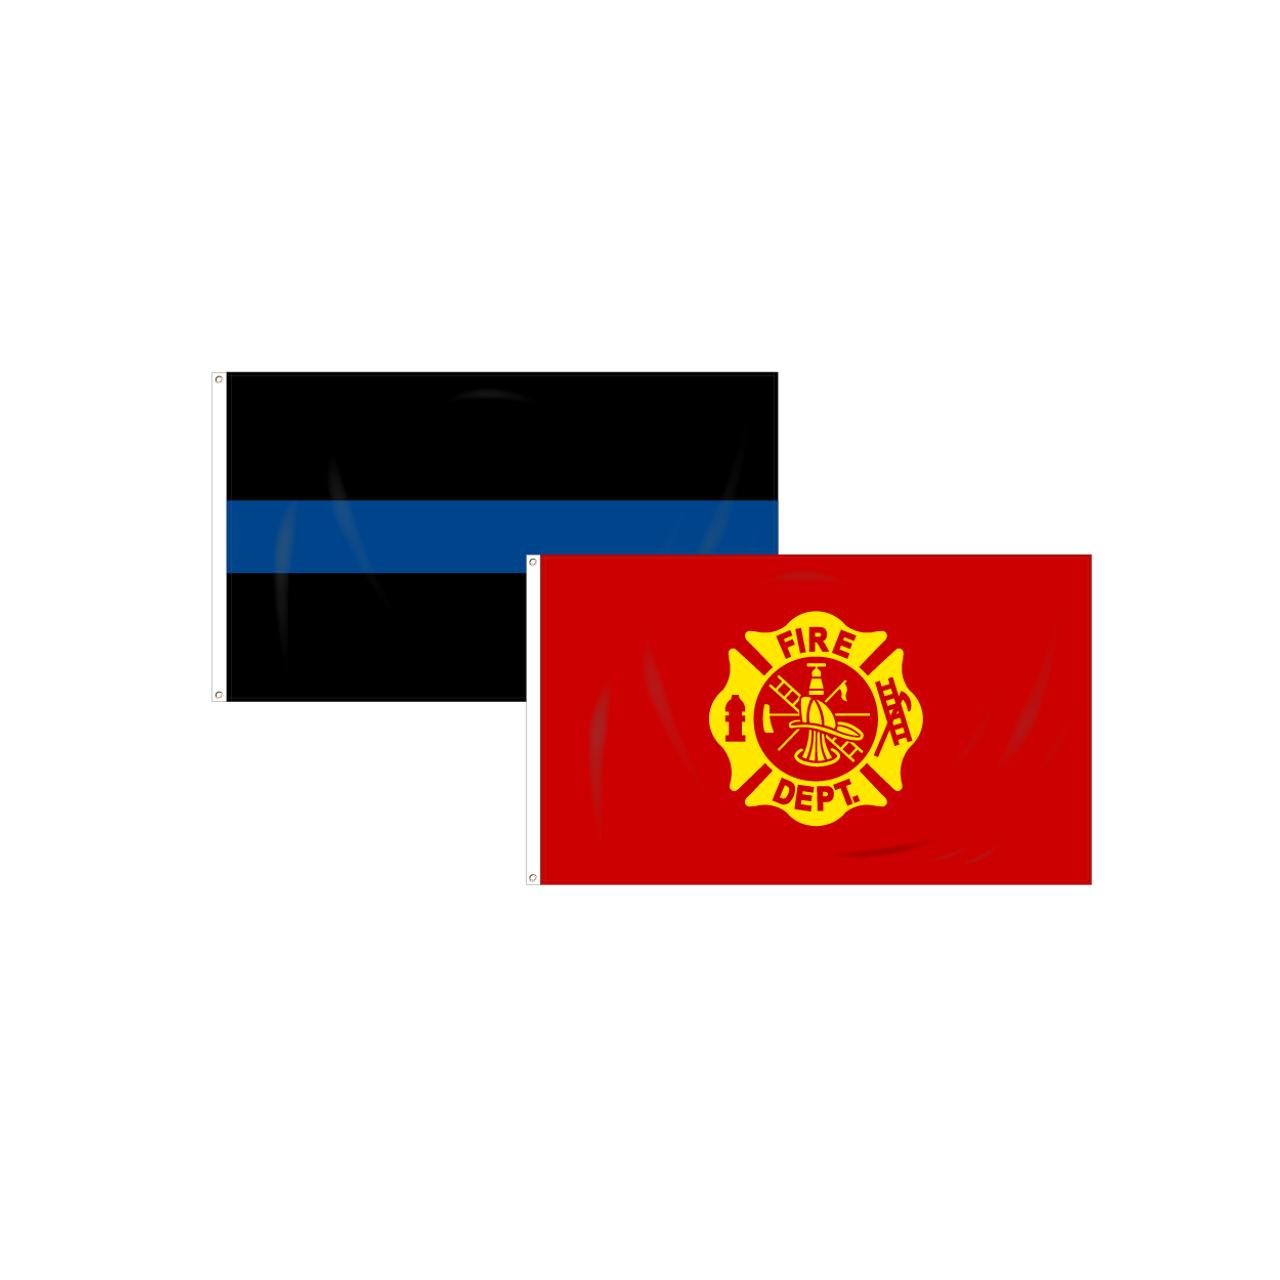 Civilian Police & Fire